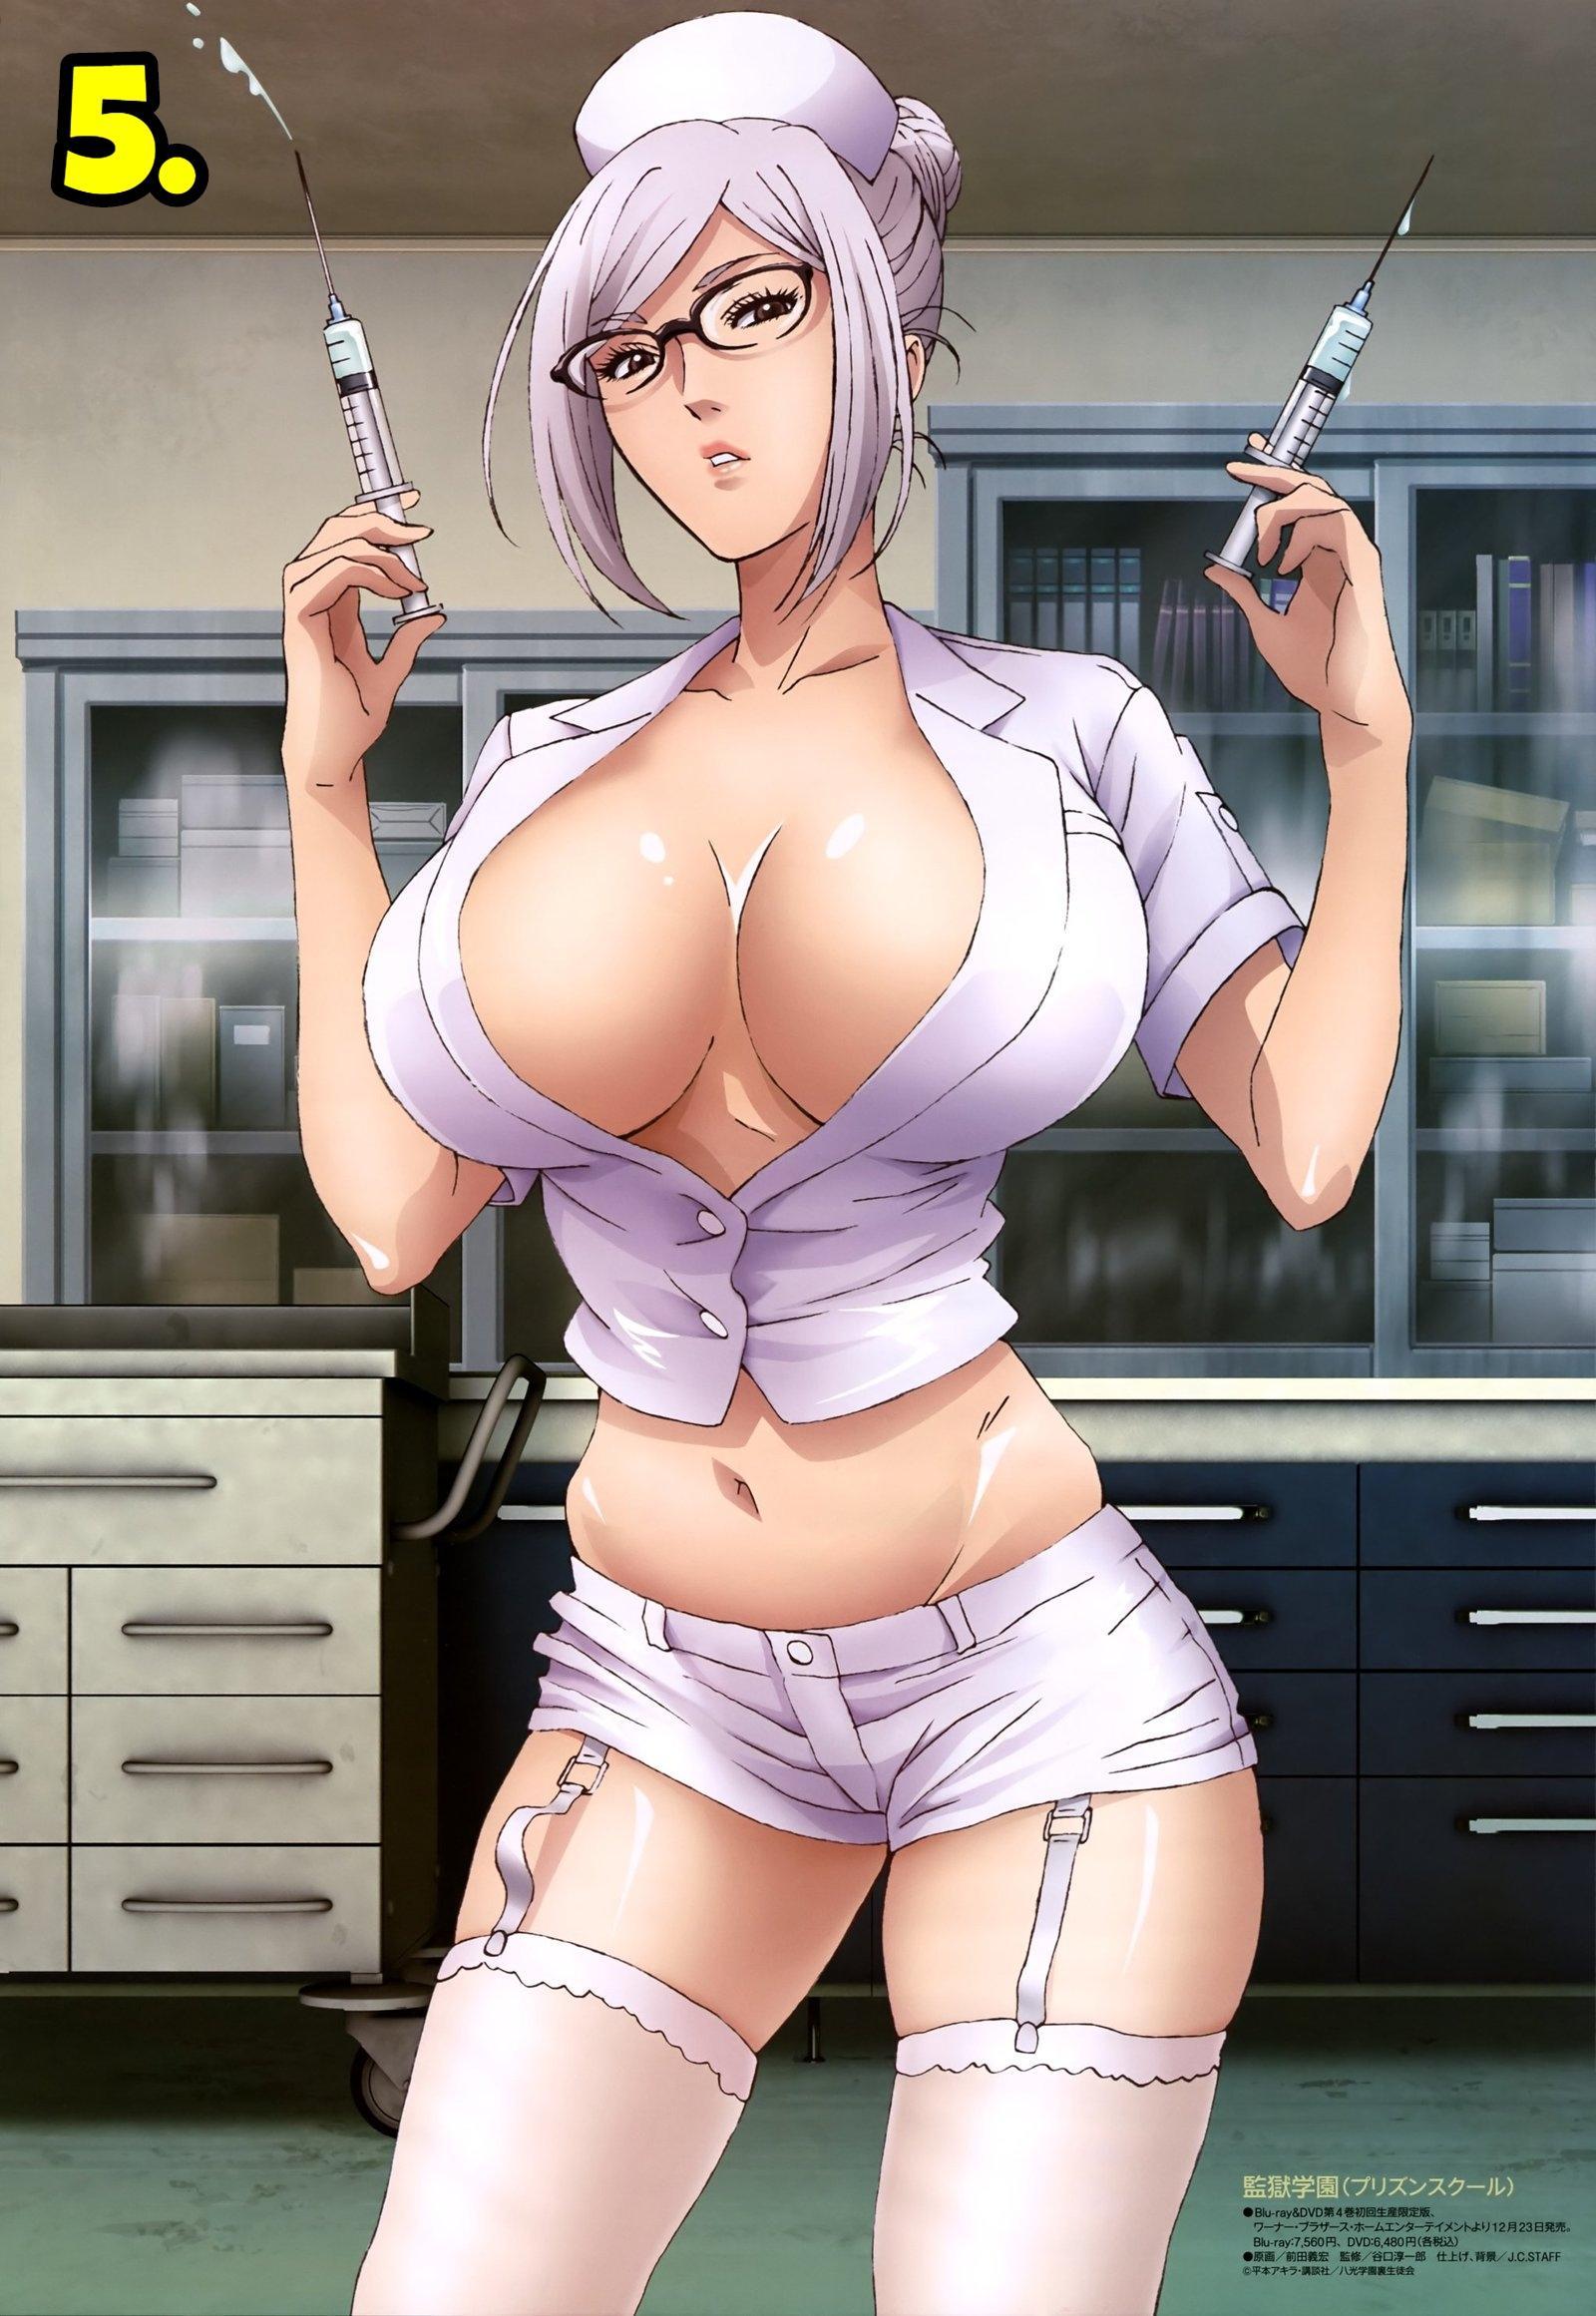 Meiko from Prison School